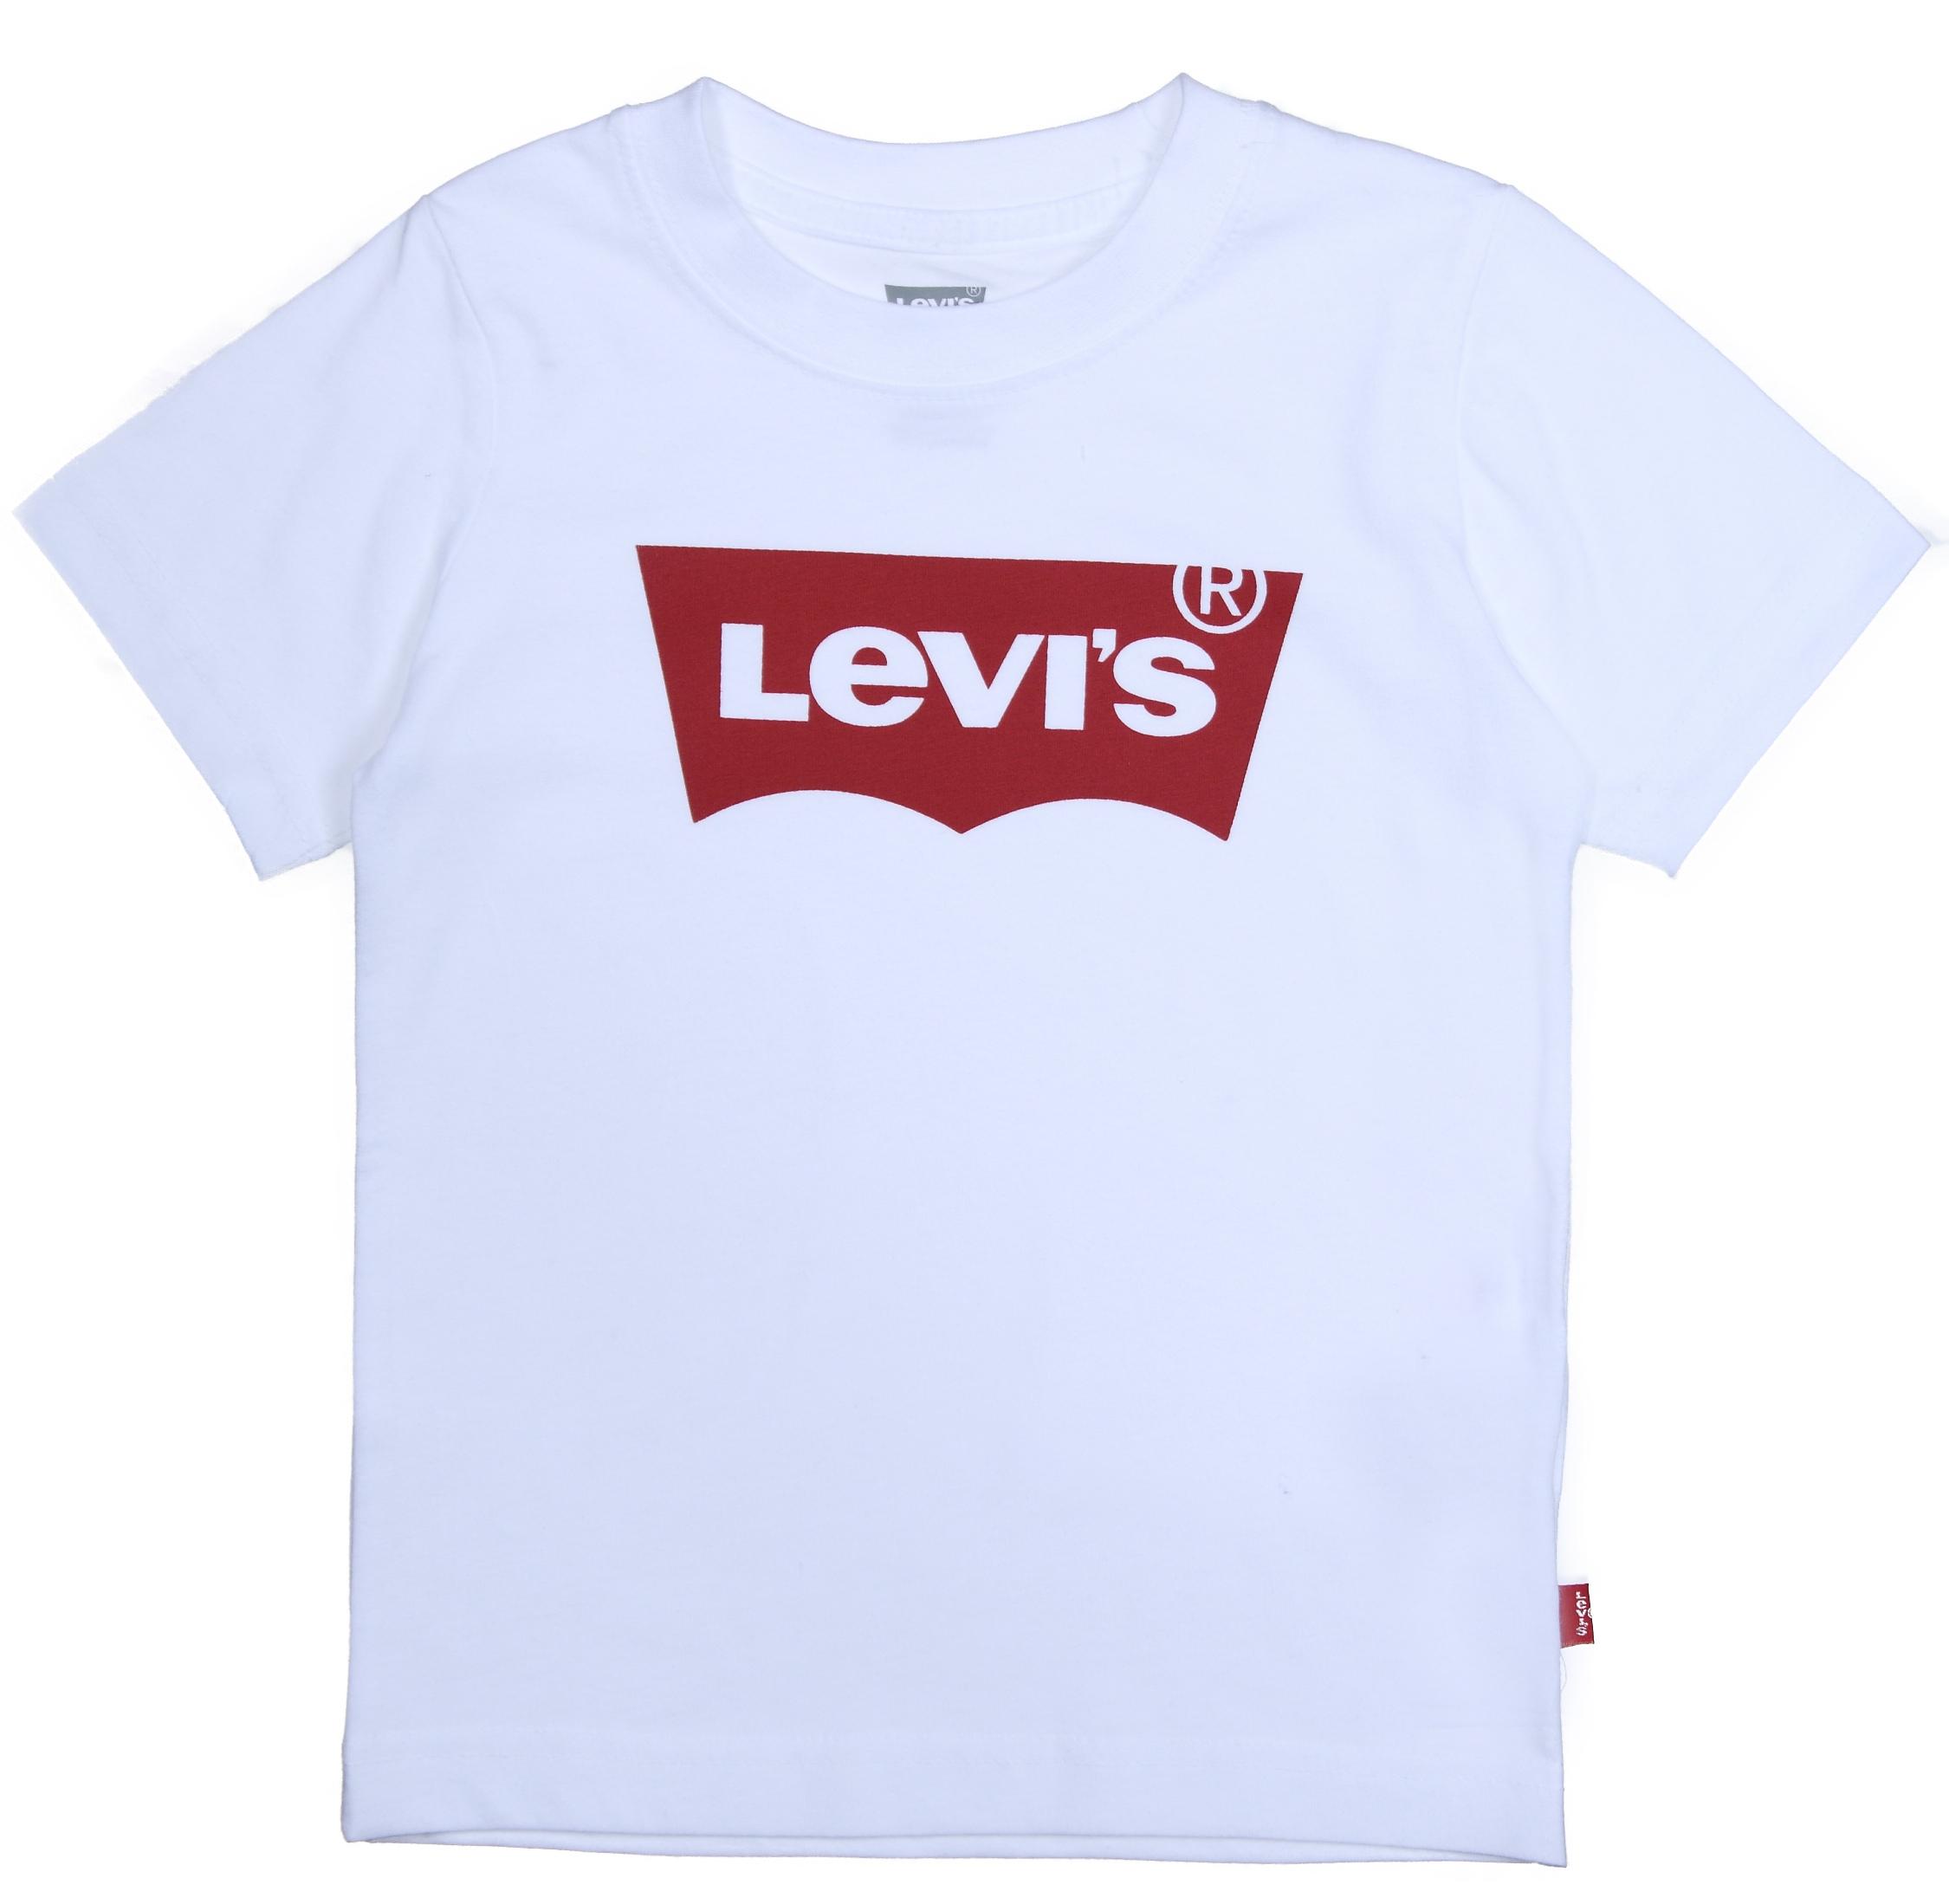 https://www.leadermode.com/183709/levi-s-kids-8157-001-white.jpg